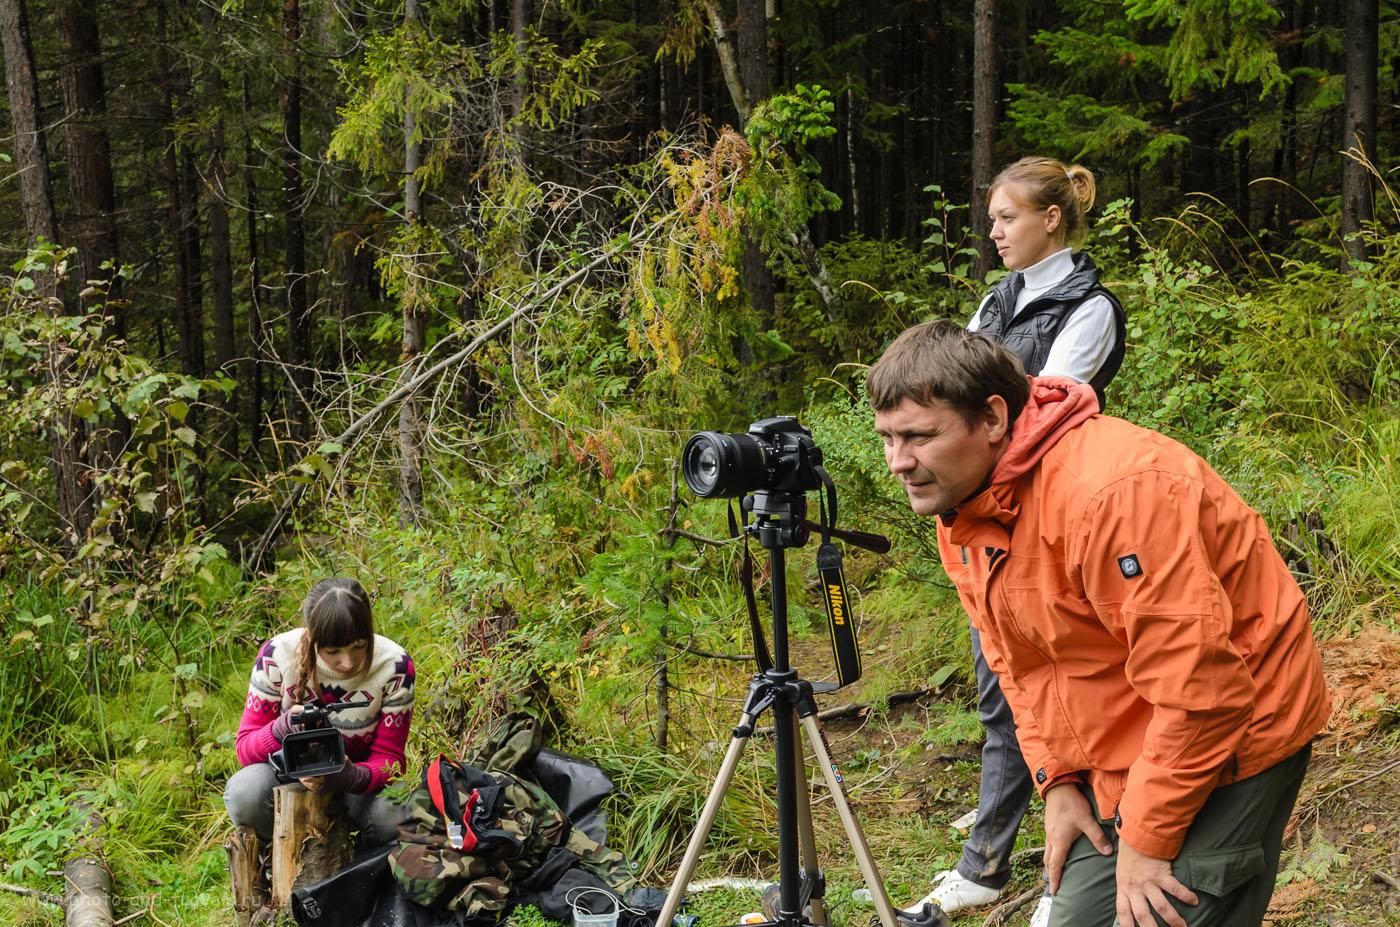 Фотография 11. Пленэр на берегу озера Бездонное. Так выглядит любительская зеркальная камера Nikon D5100 с объективом Sigma 18-250, установленная на штативе. 1/30, 8.0, 34, 280.